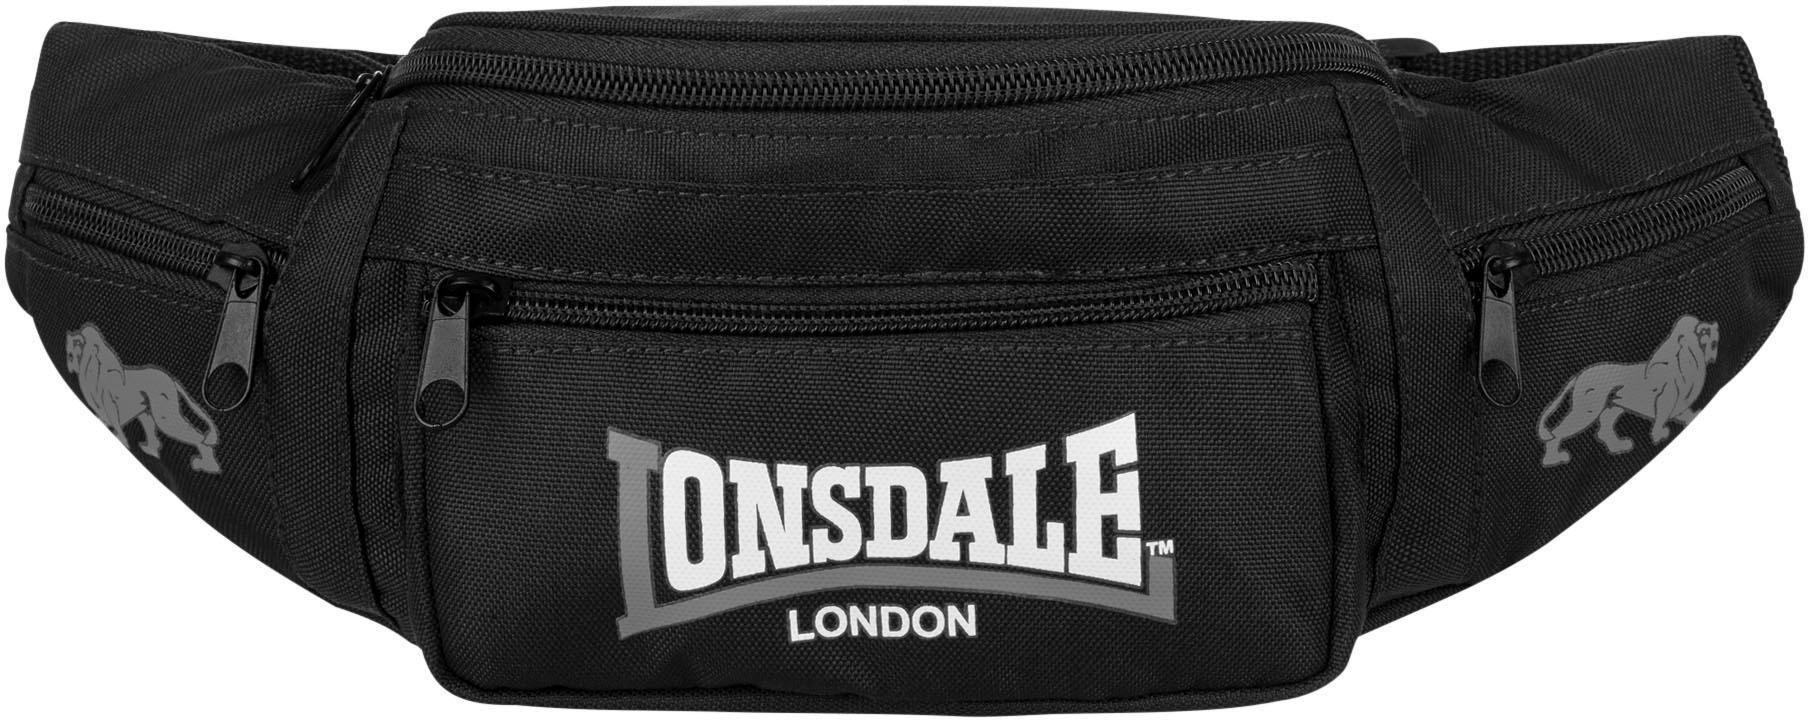 lonsdale -  Gürteltasche »HIP BAG«, Mit 5 Reißverschlusstaschen